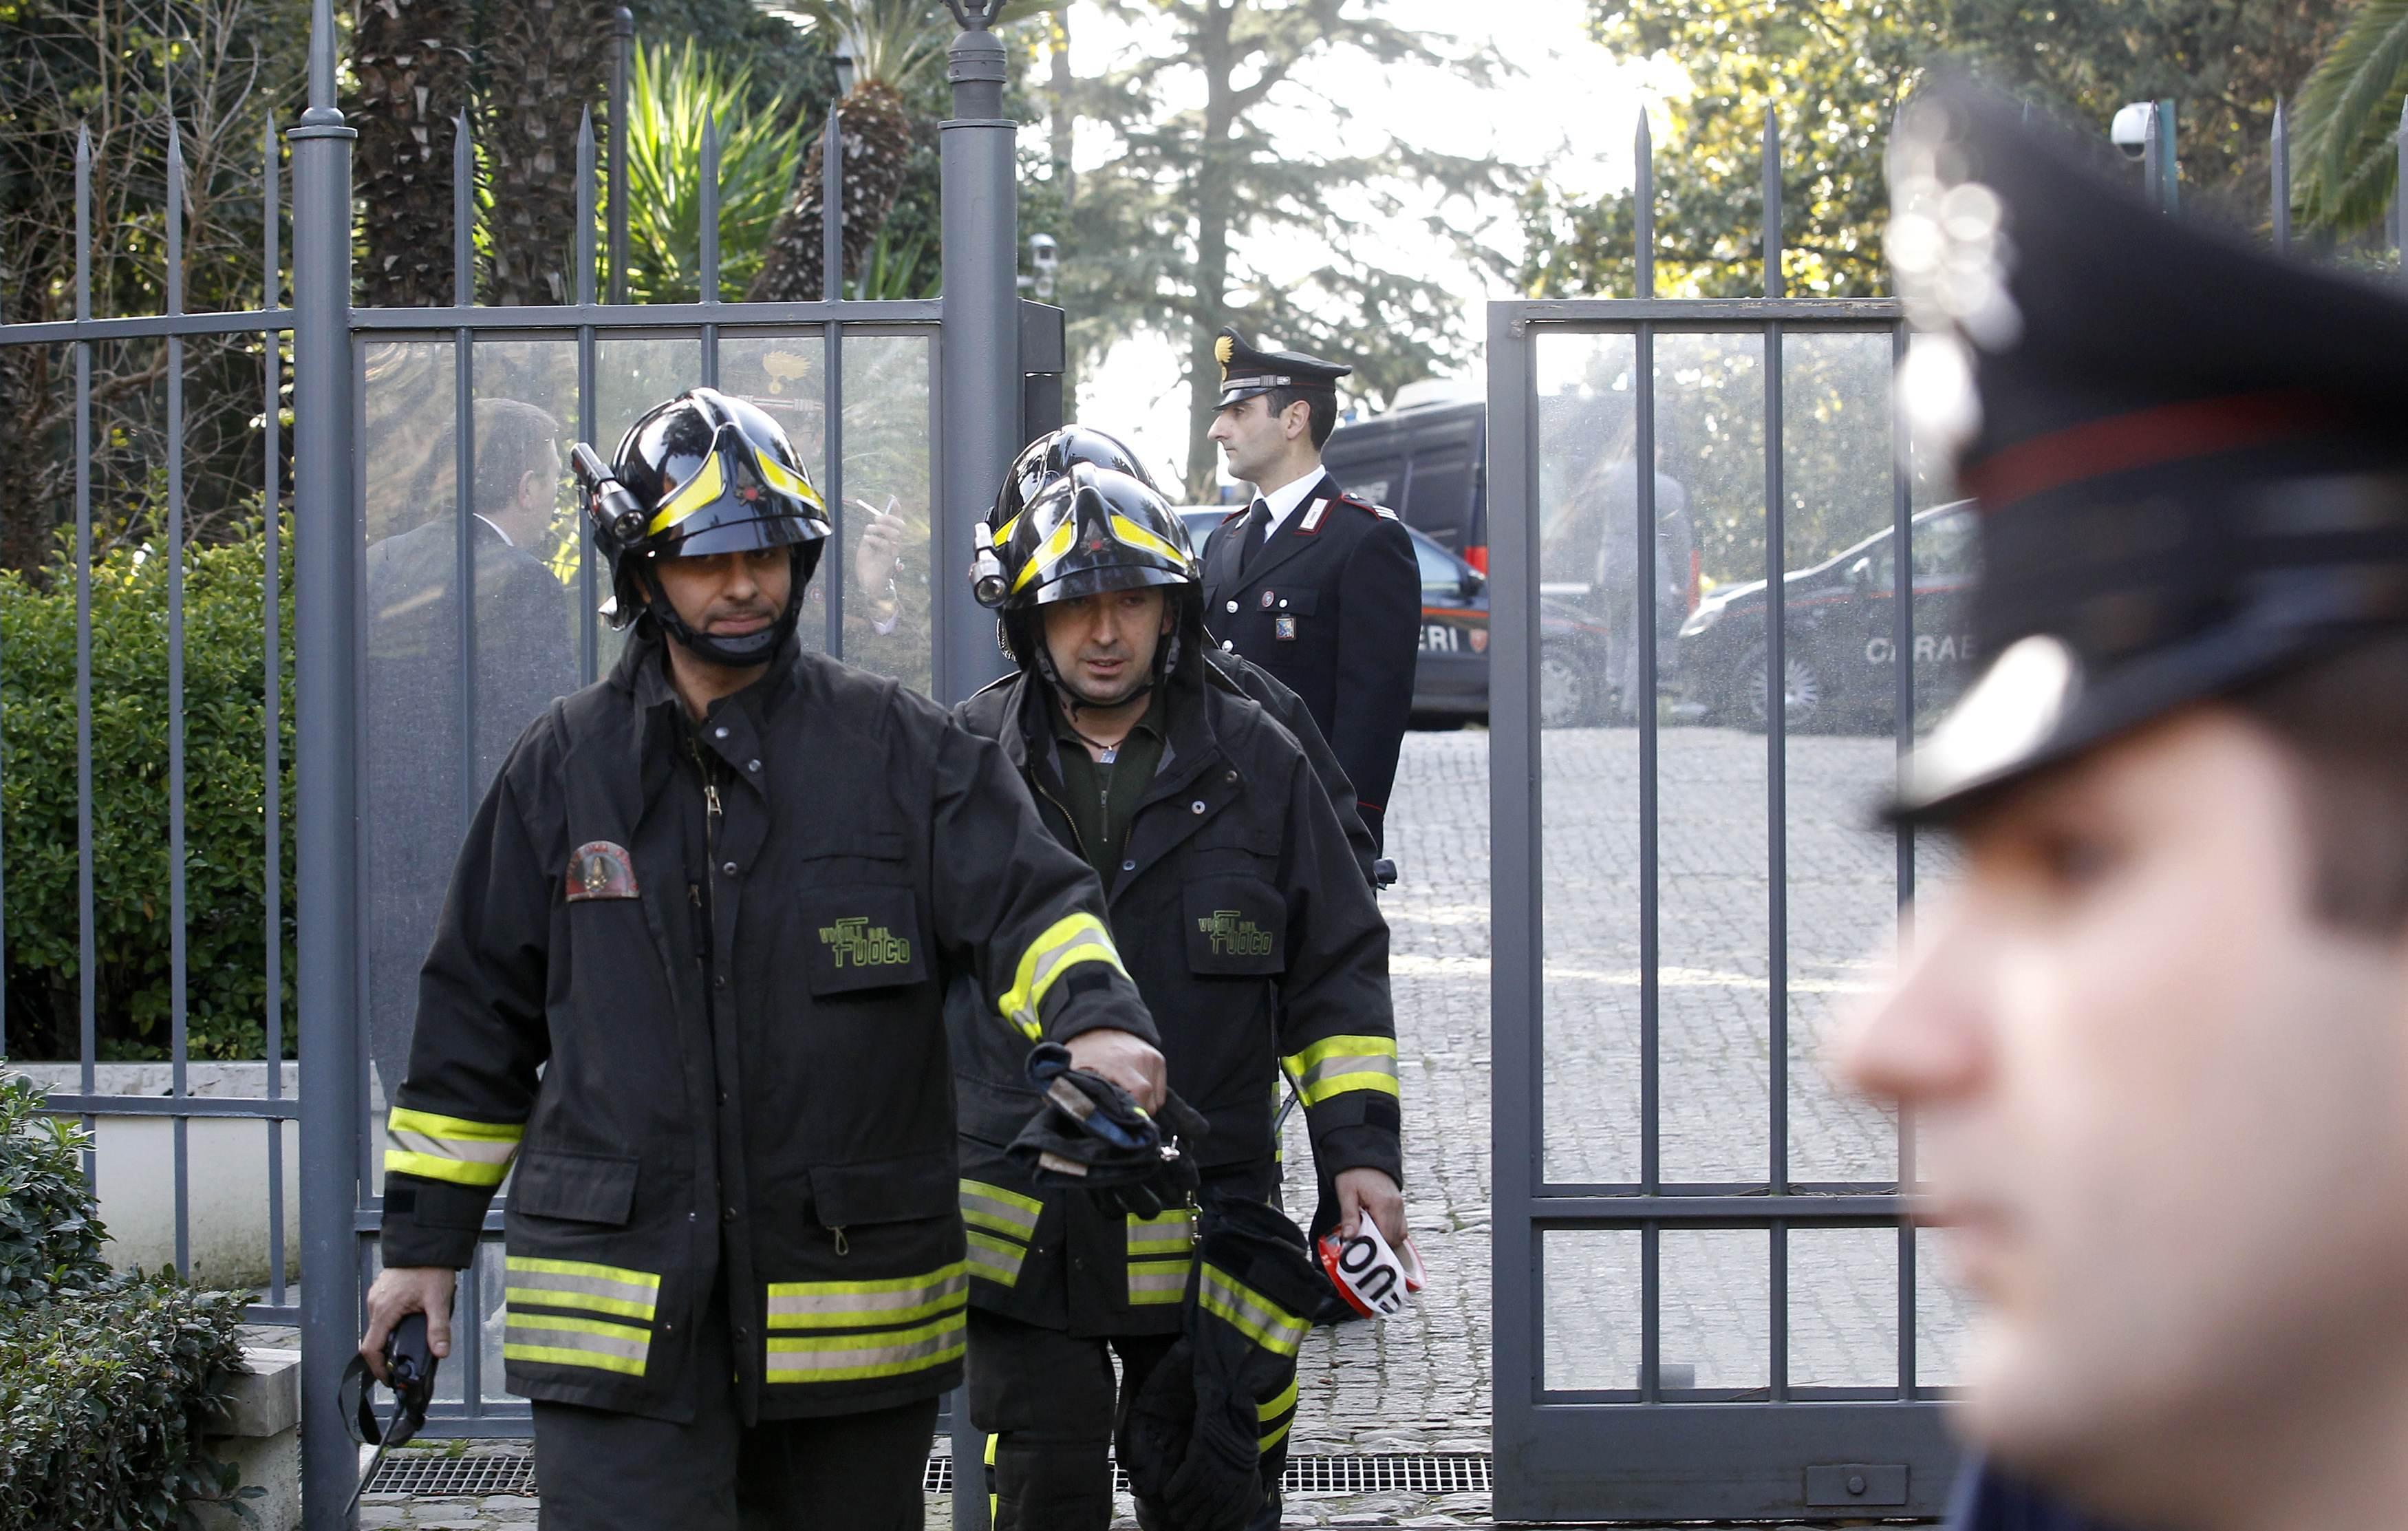 Επί ποδός και οι πυροσβέστες - ΦΩΤΟ REUTERS